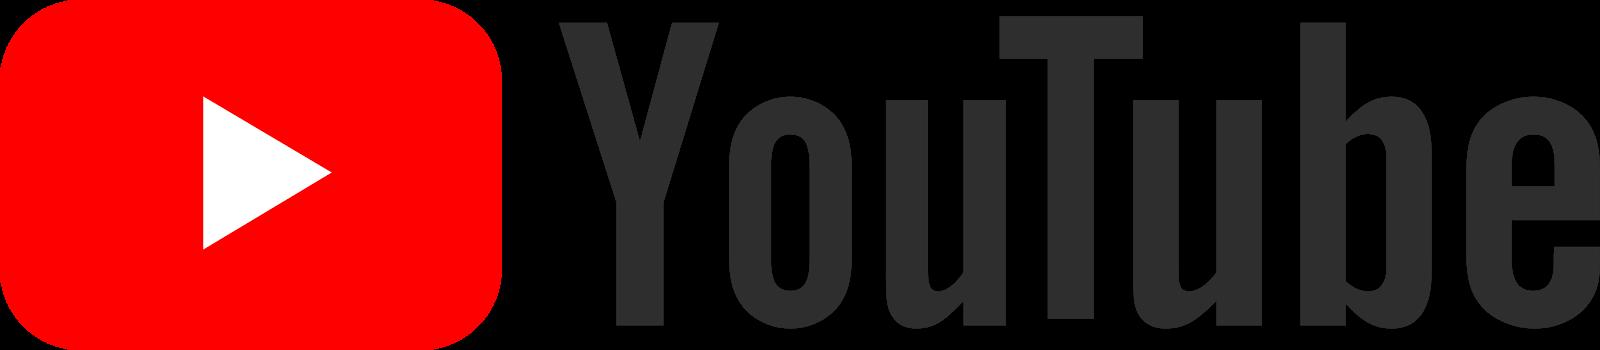 detail kontak Detail Kontak Logo Youtube PNG Transparent